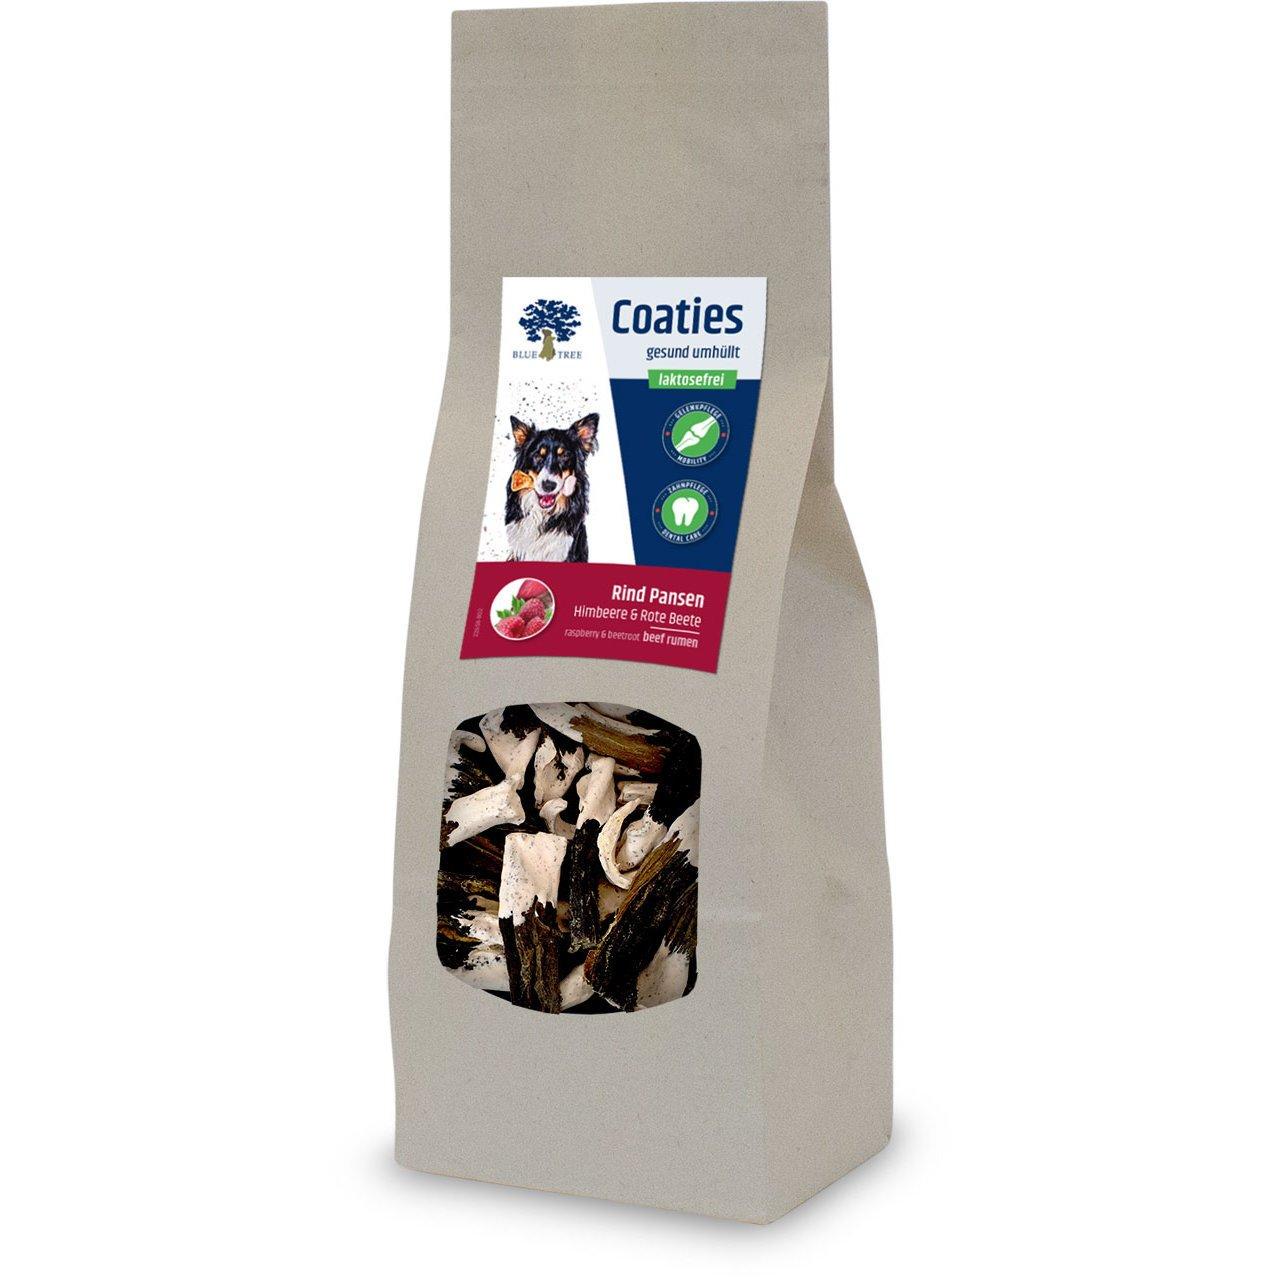 Blue Tree Coaties Hundekausnack mit laktosefreier Milch, Rind Pansen 100g